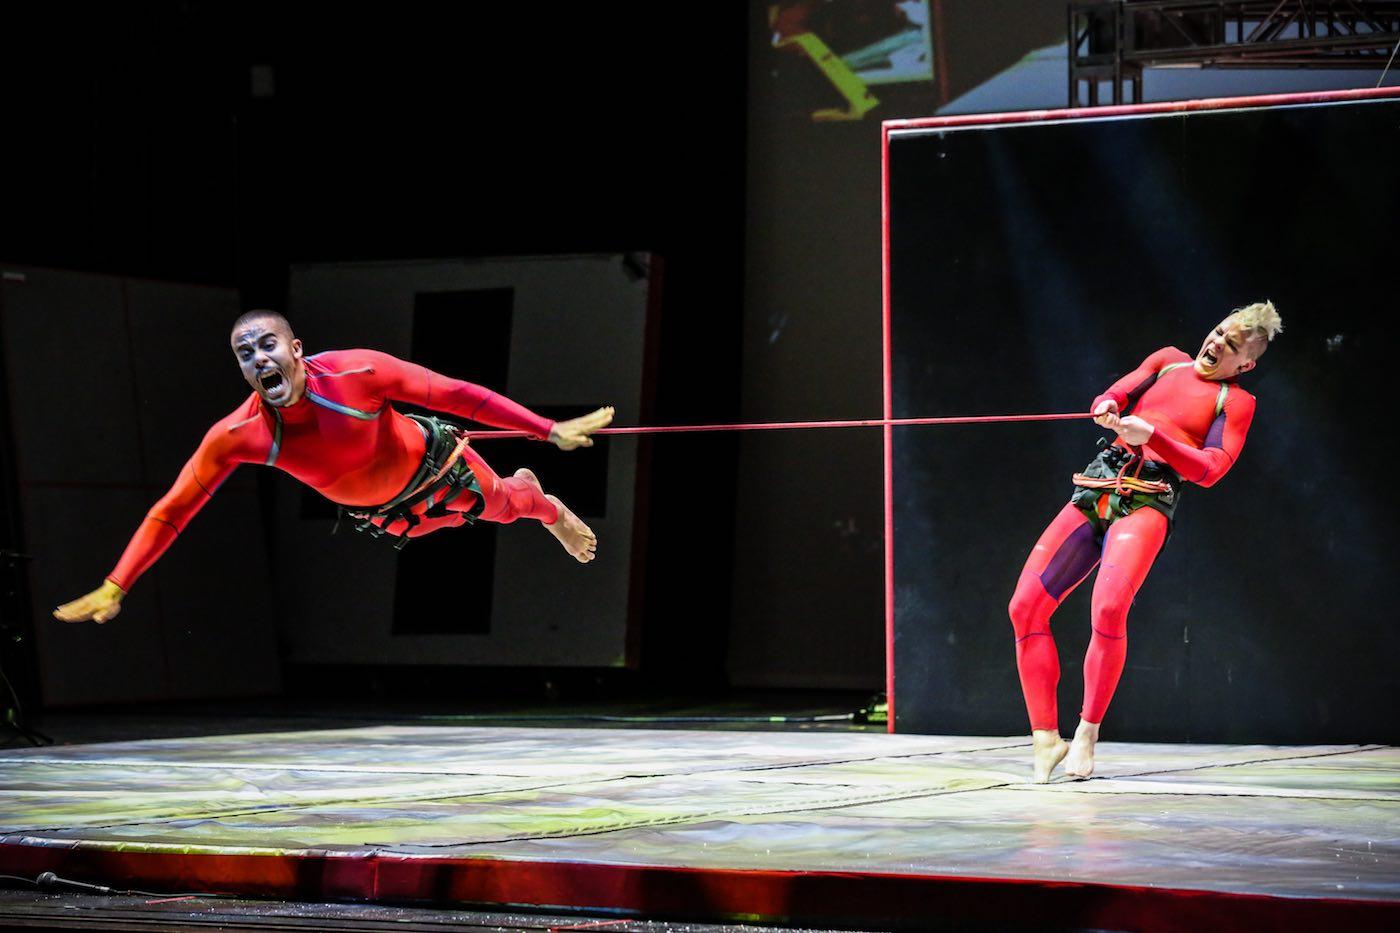 Fliegende Artisten in roten Kostümen // HIMBEER